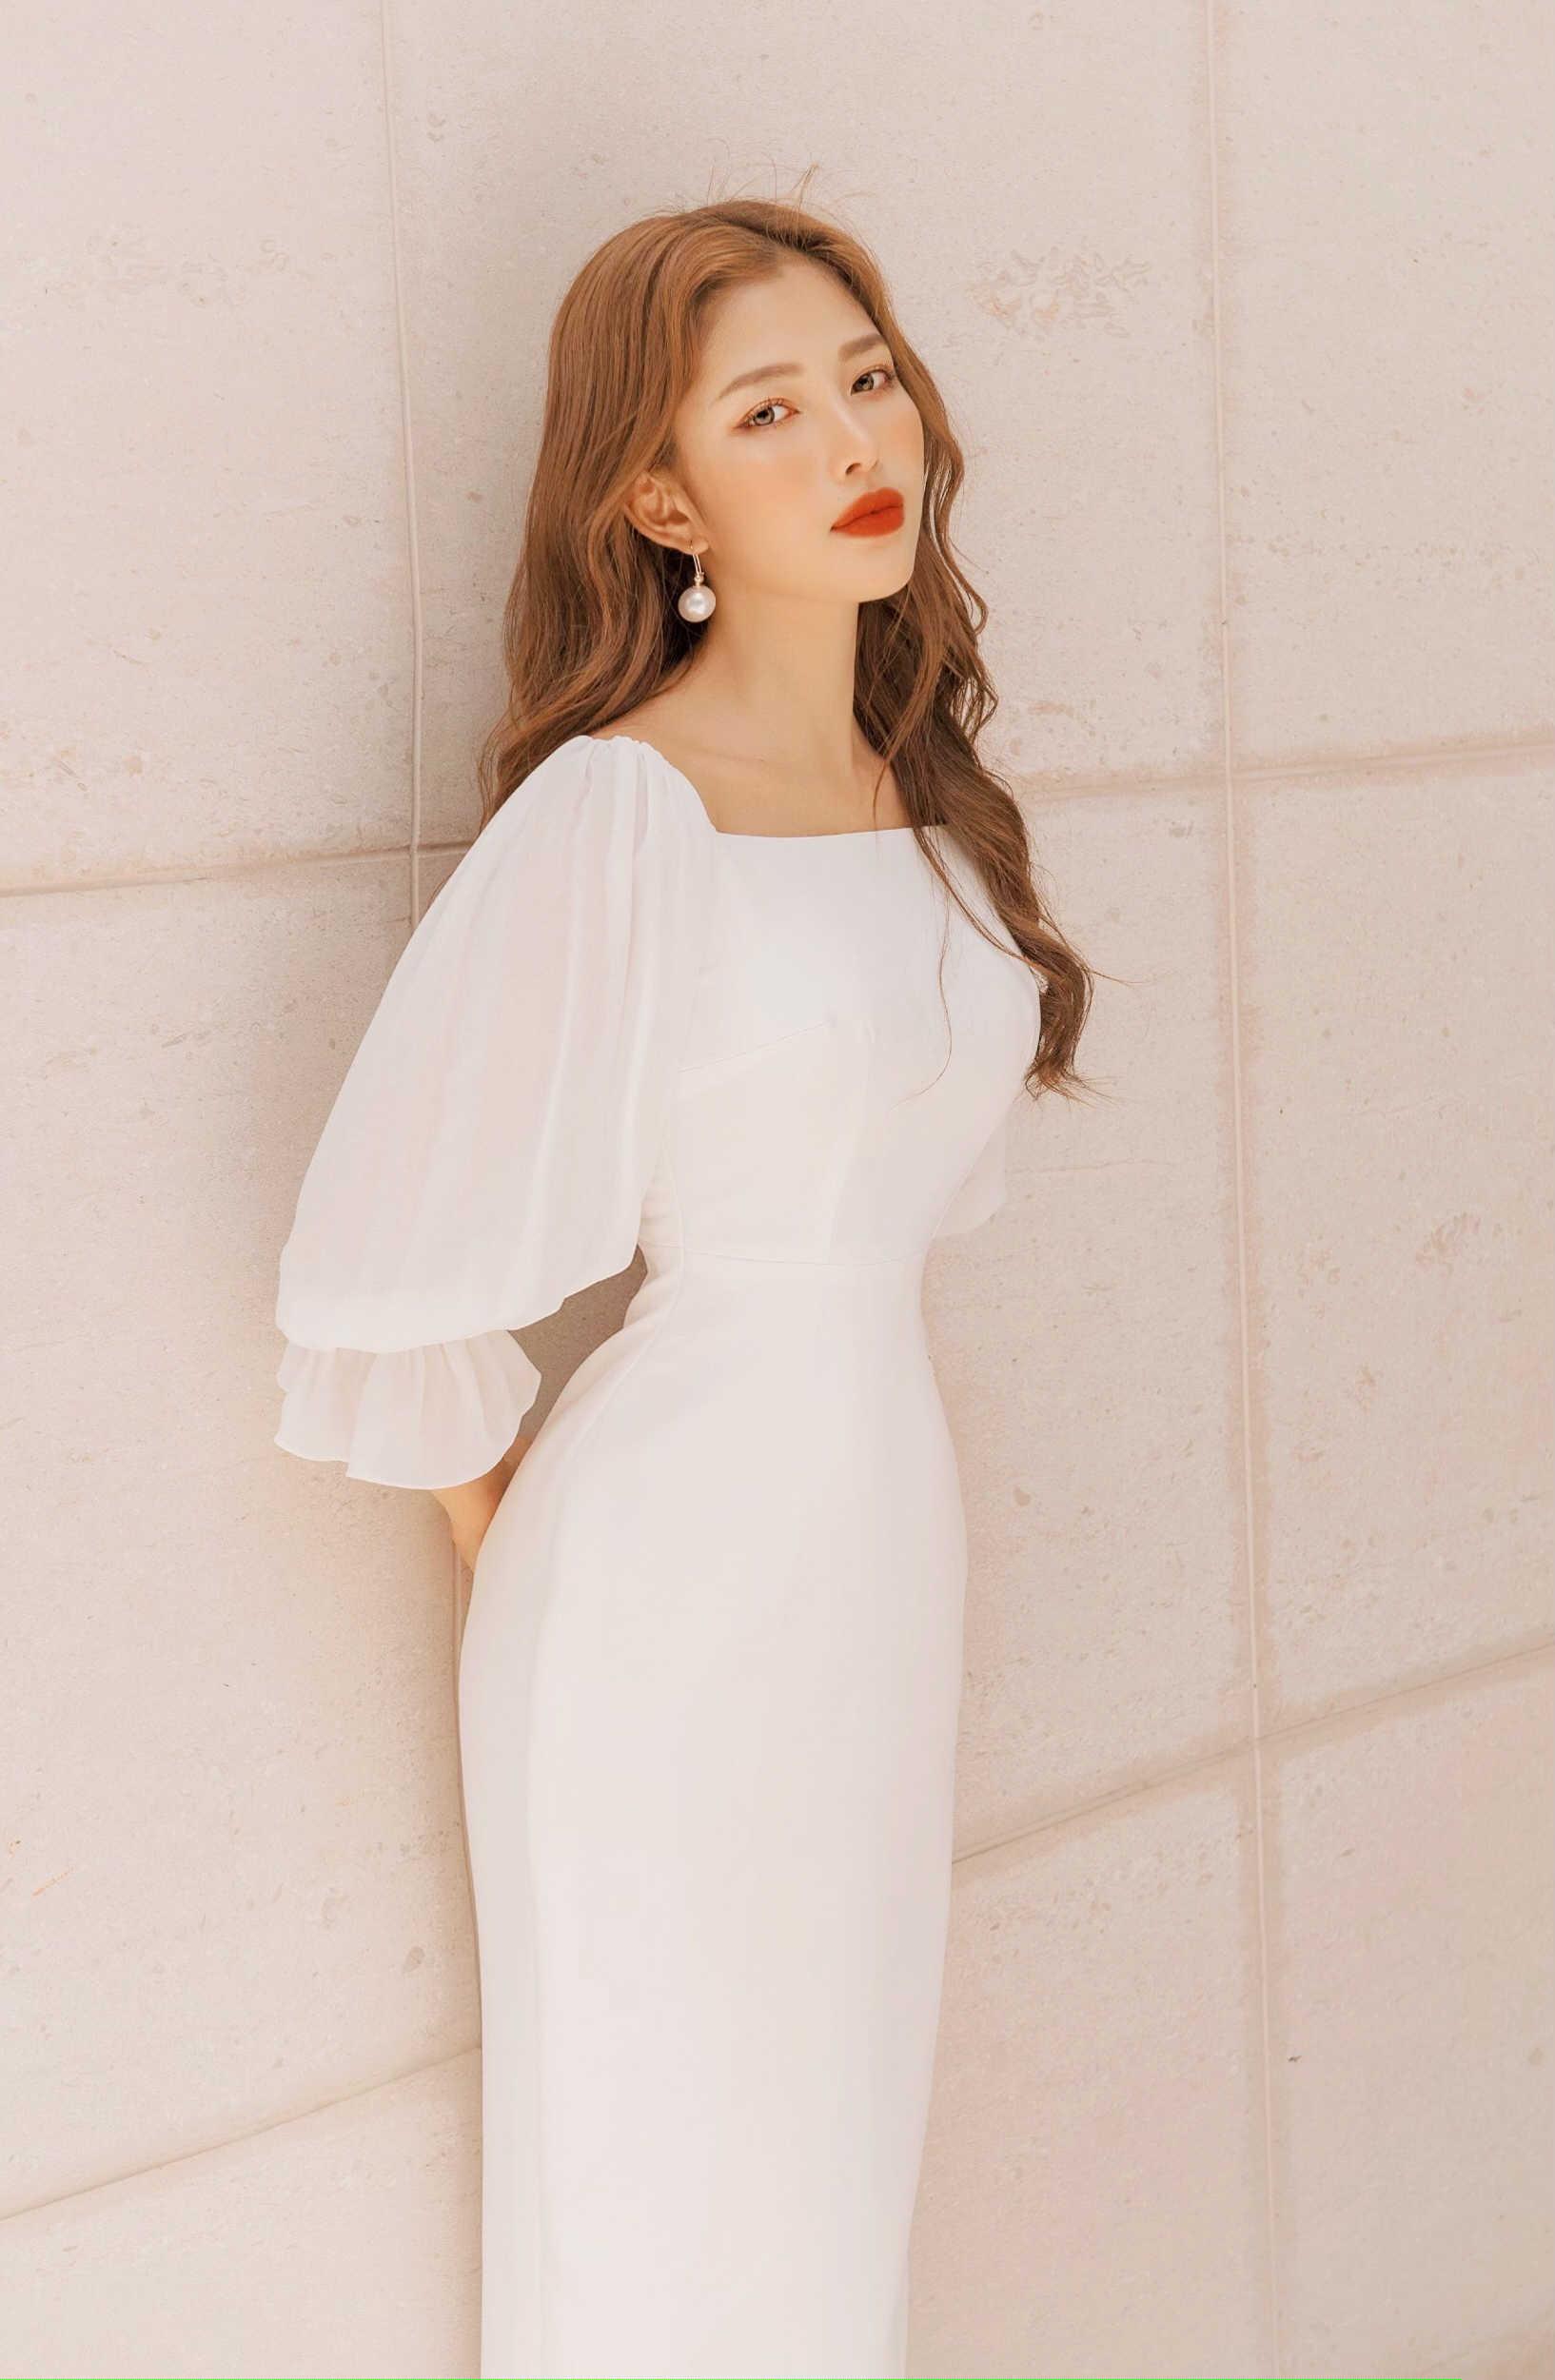 V752 - Váy đầm quý cô bút chì dài thiết kế tay voan bồng - Trắng, Hồng vỏ đỗ - Bely